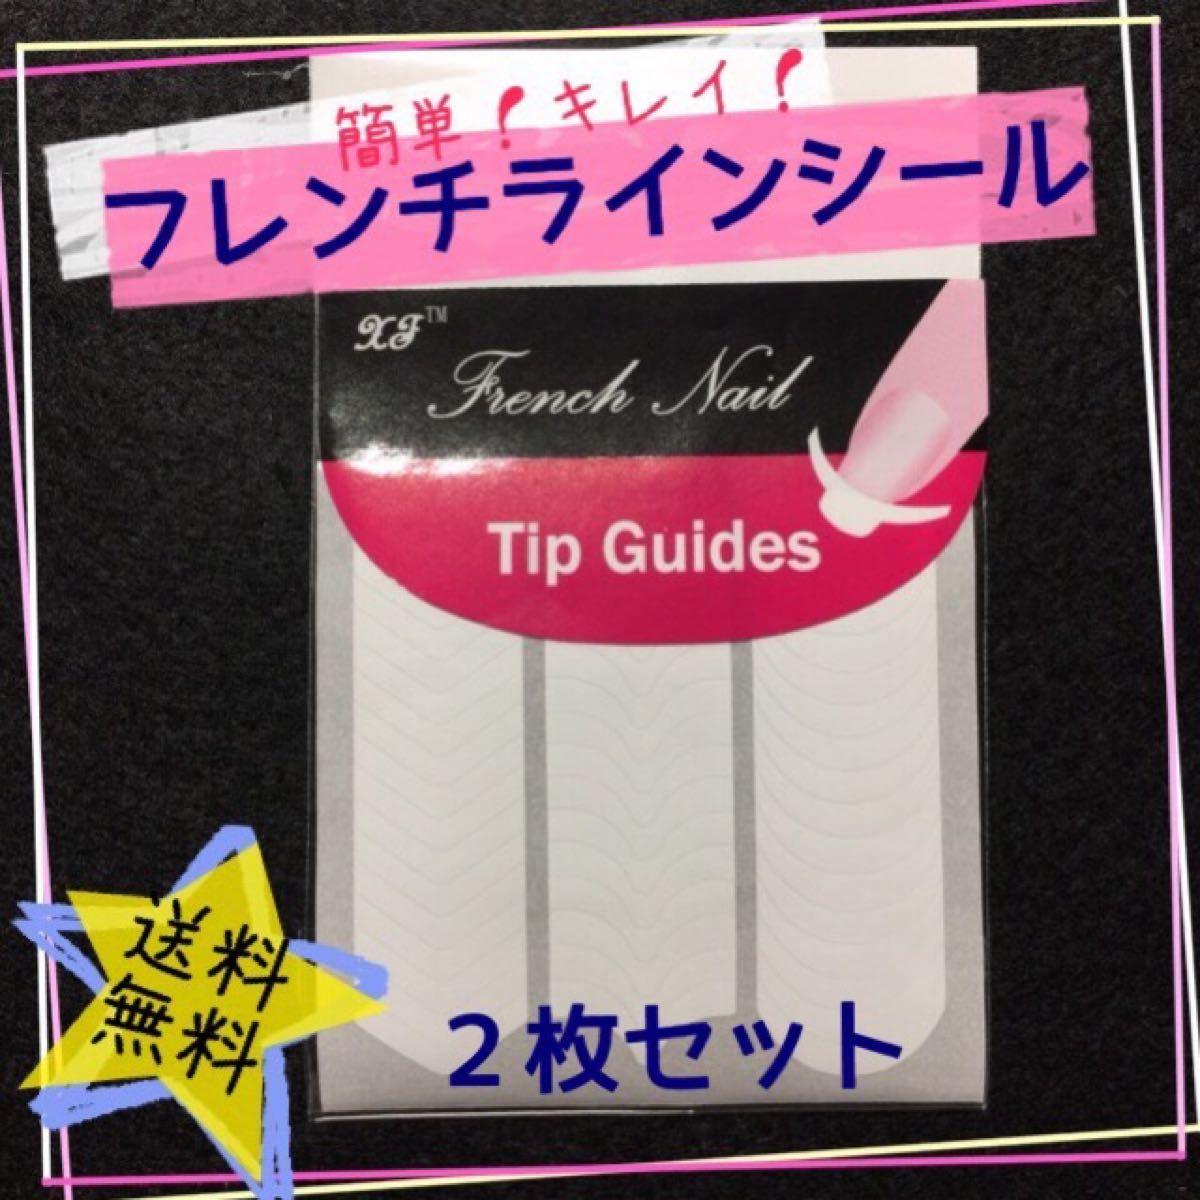 ネイル シール フレンチ ライン 簡単 初心者 2枚セット ネイル用品 セルフネイル